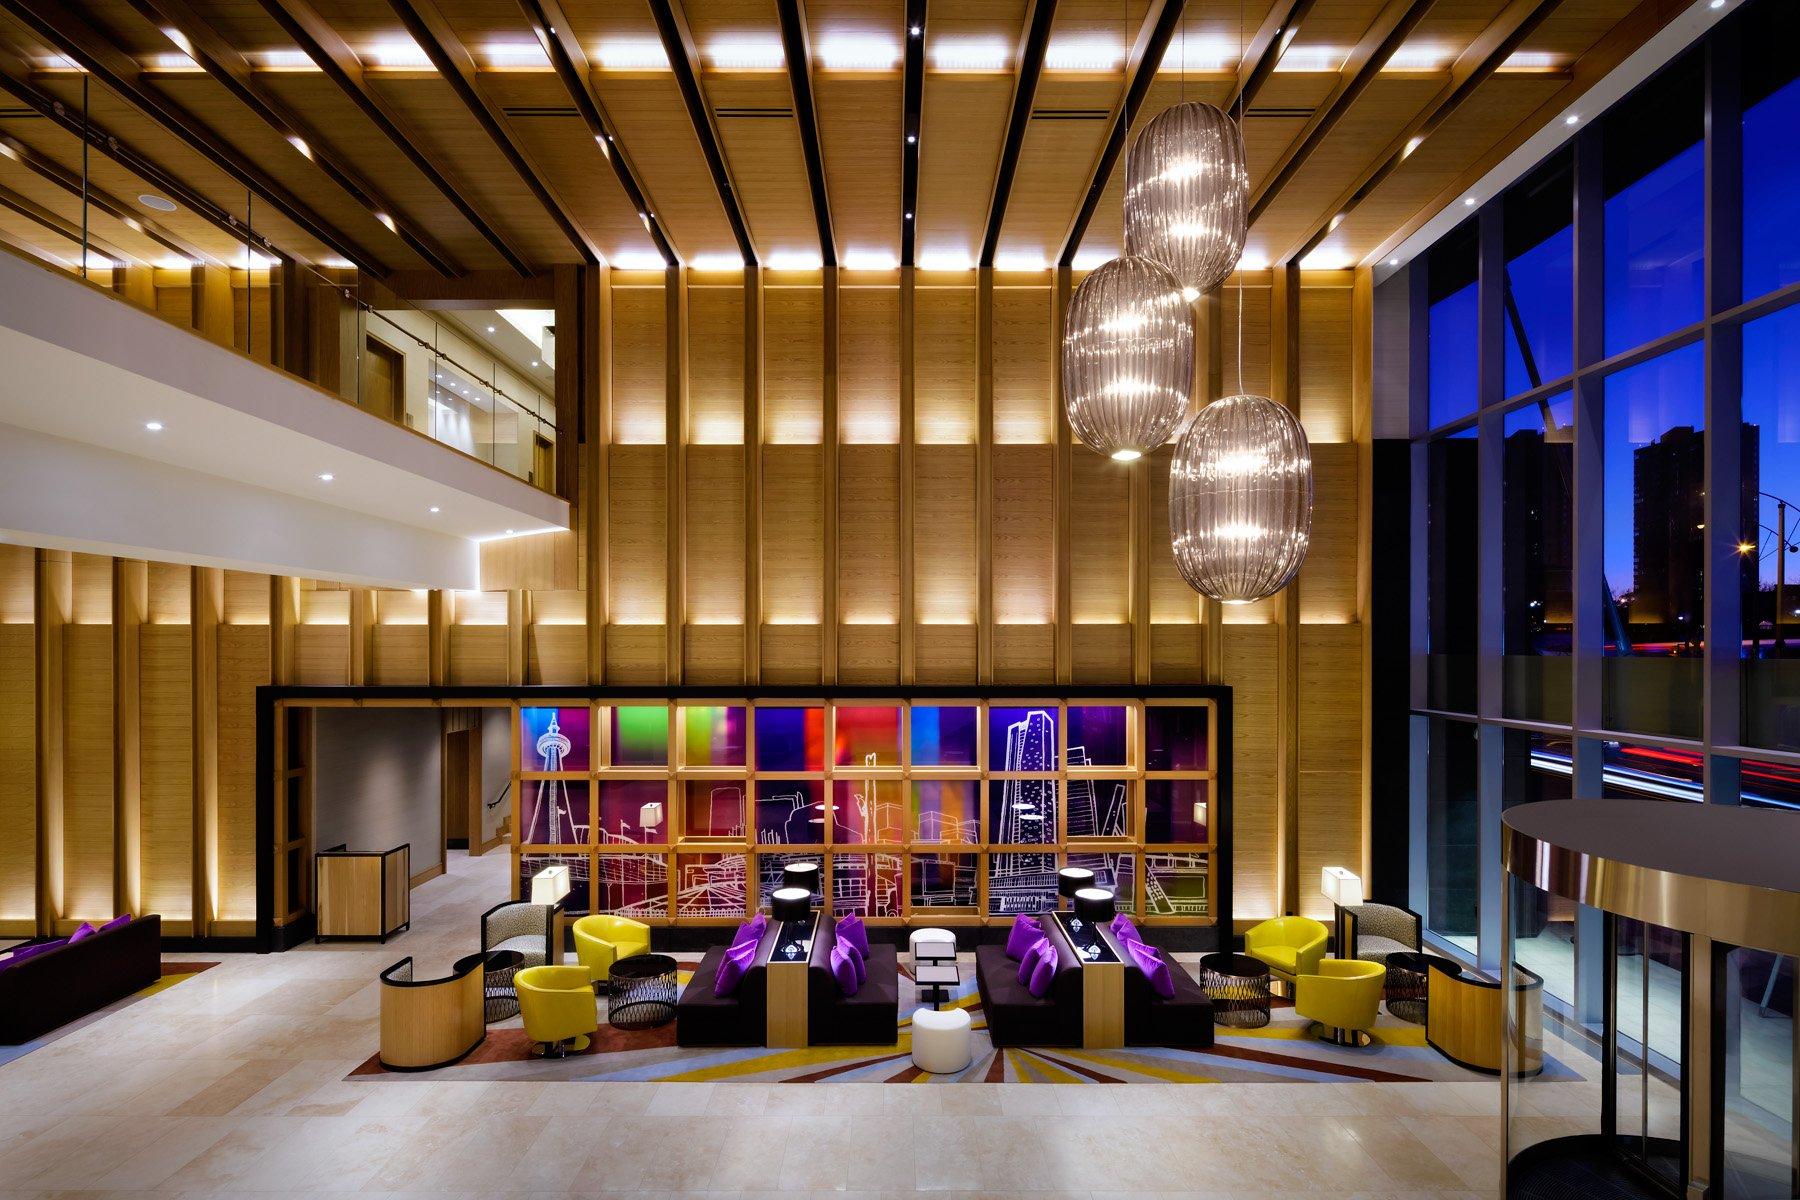 Delta Hotel Toronto Lobby